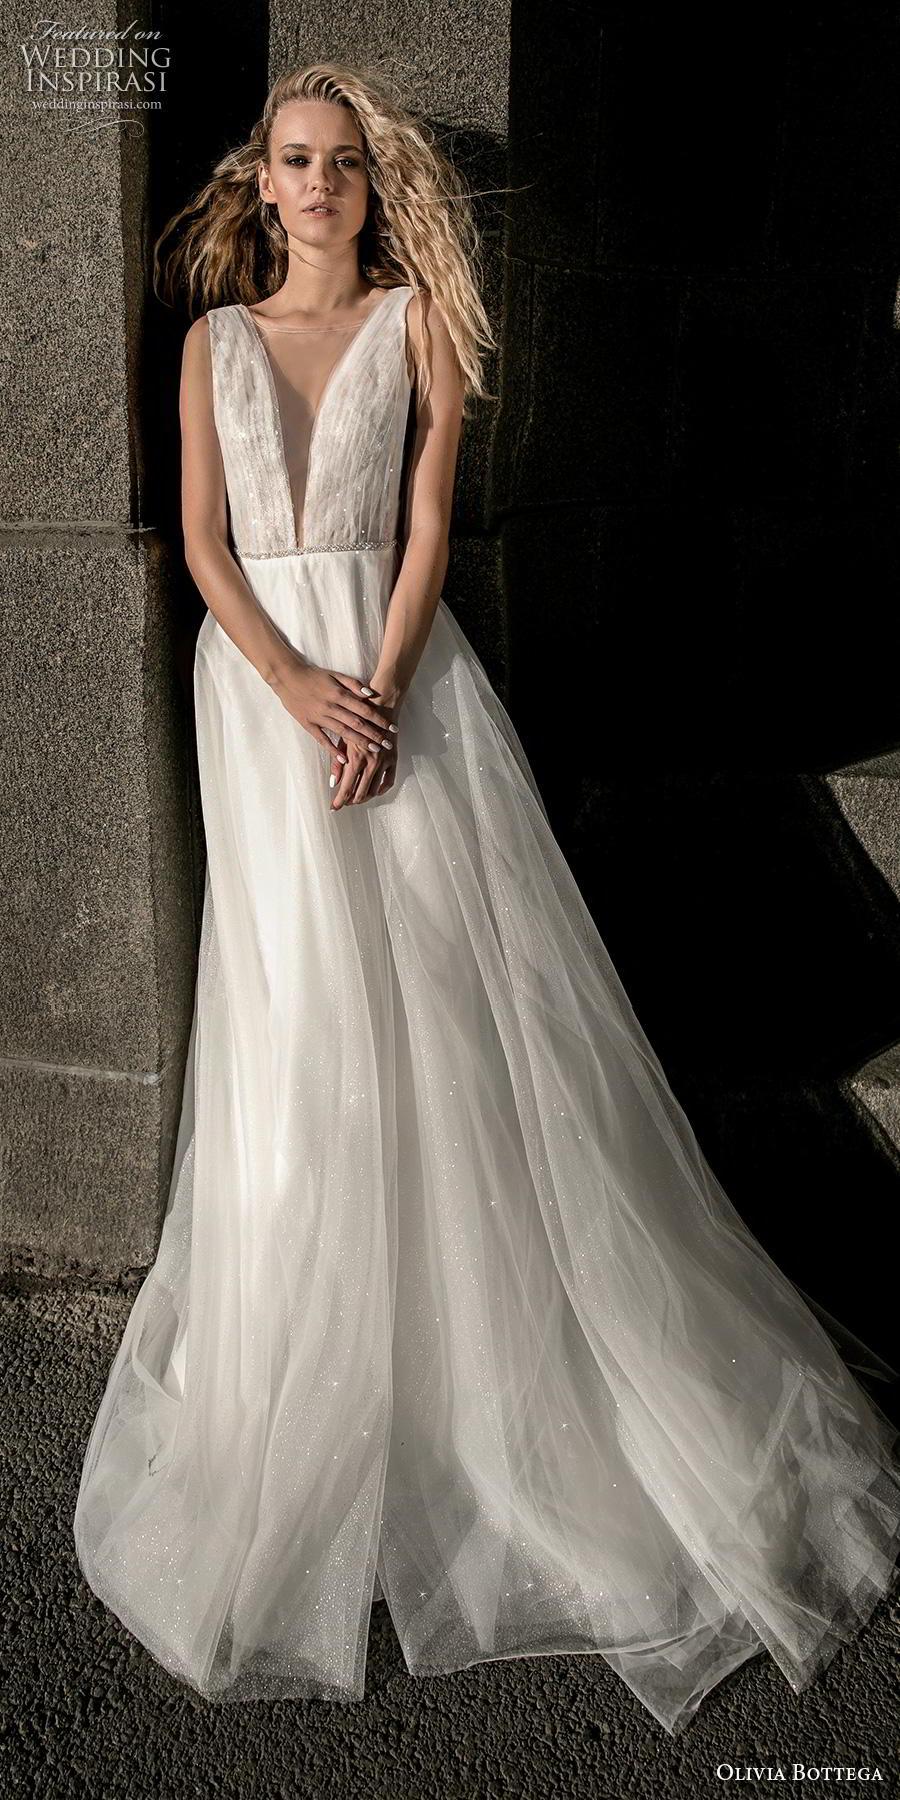 olivia bottega 2019 bridal sleeveless illusion bateau deep plunging v neck ruched bodice tulle skirt romantic a  line wedding dress (3) mv